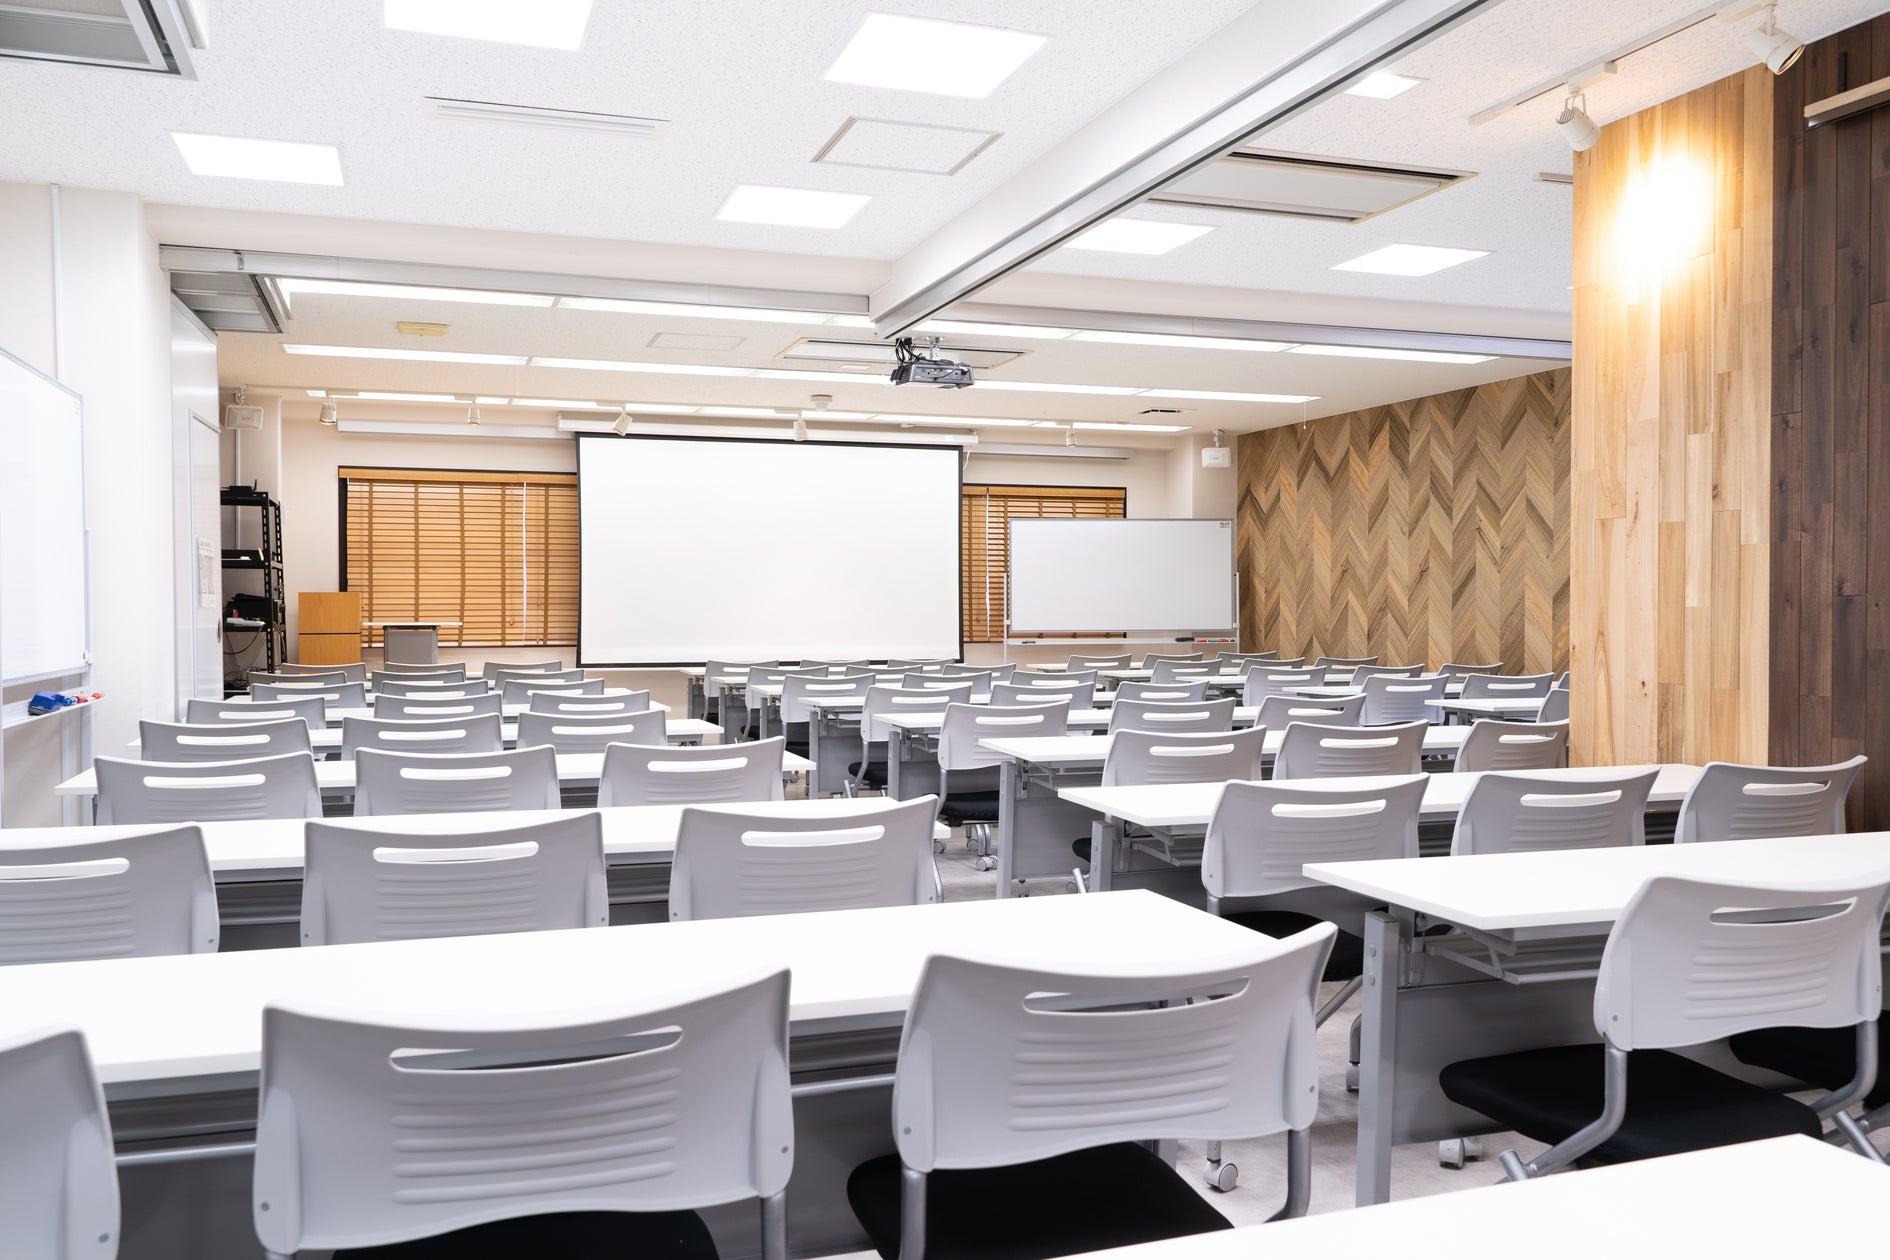 【大宮駅徒歩7分・貸会議室24】大会議室(貸会議室24) の写真0